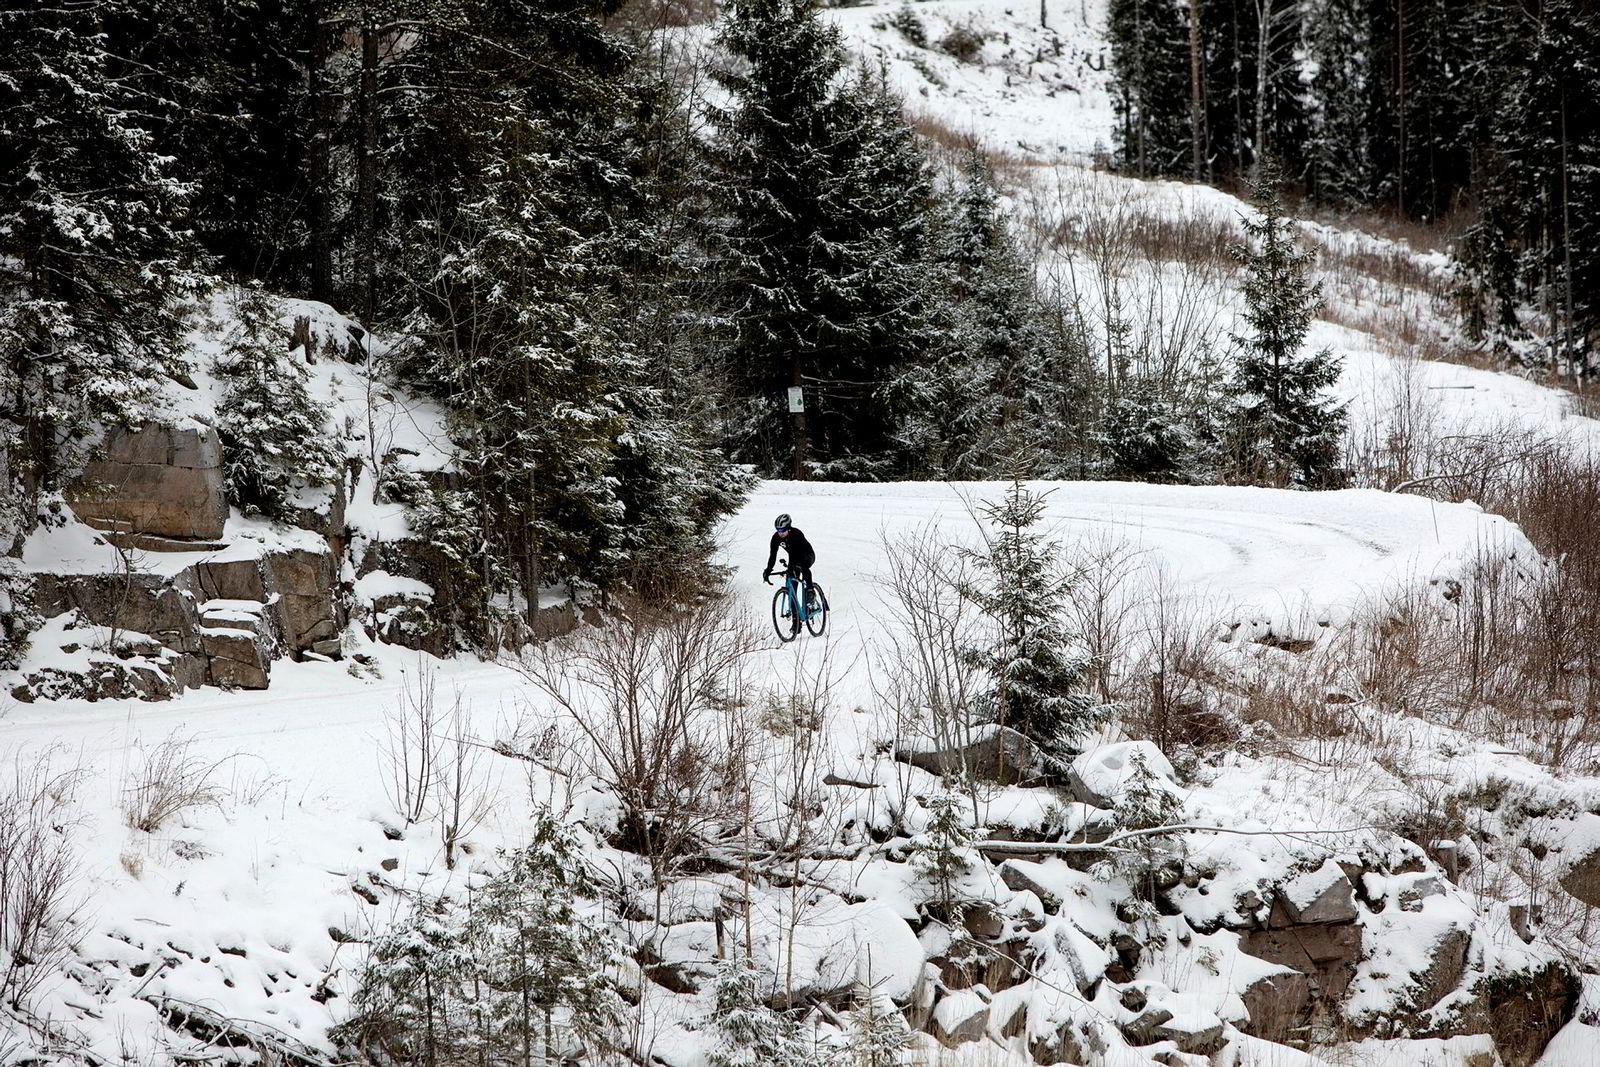 I svingene oppover fra Maridalen hersker stort sett stillheten. Boldingh bruker helst dagslyset i helgene til vintersyklingen.